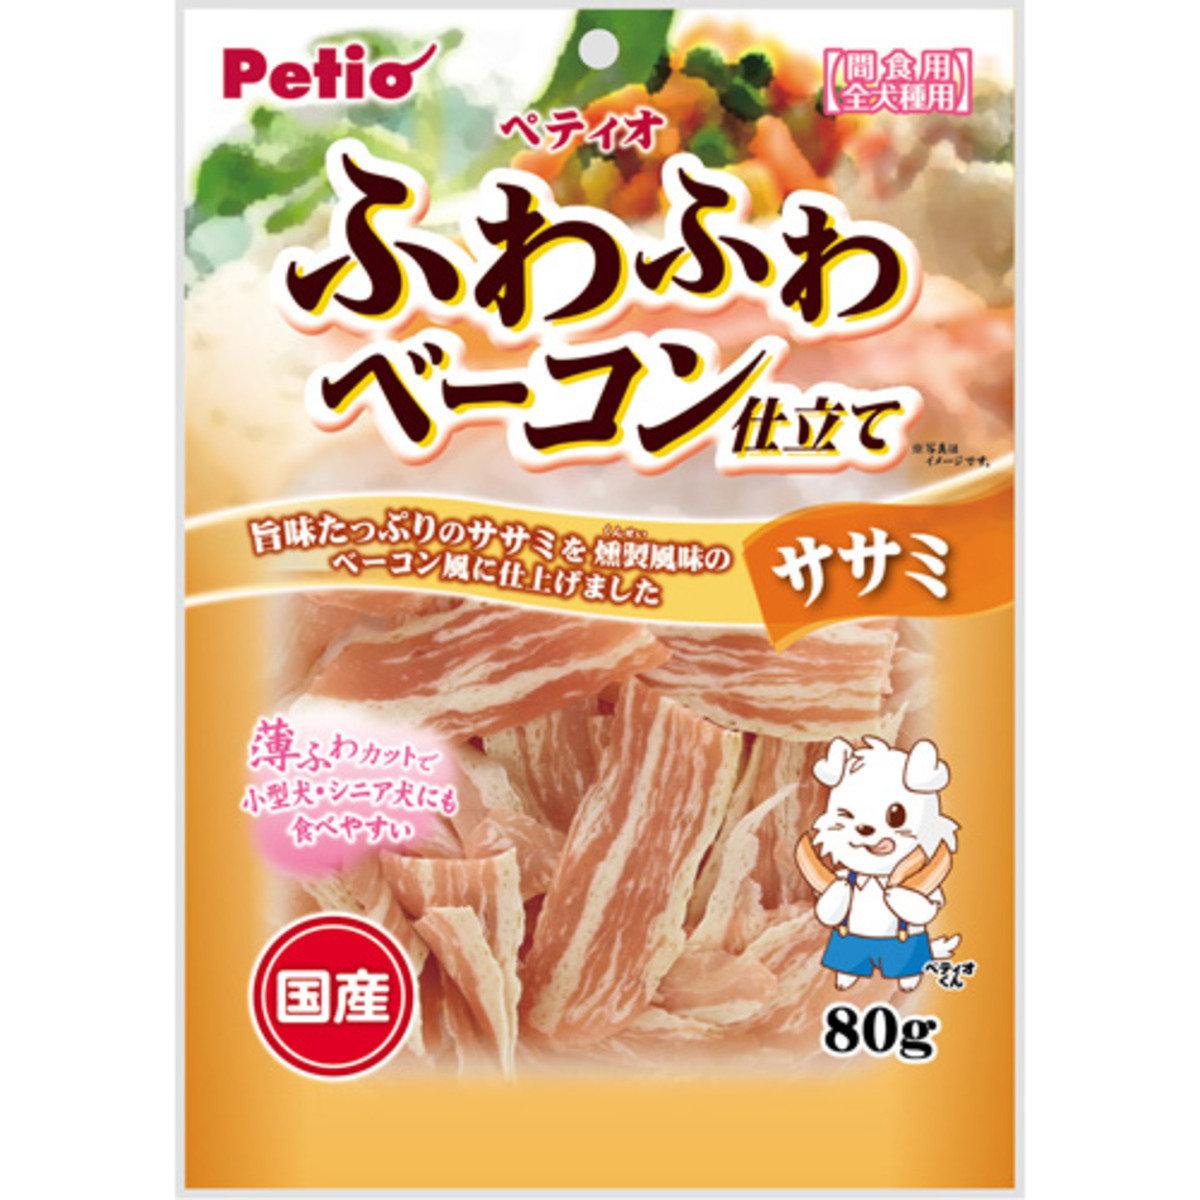 狗小食煙燻雞胸肉片(W12406)